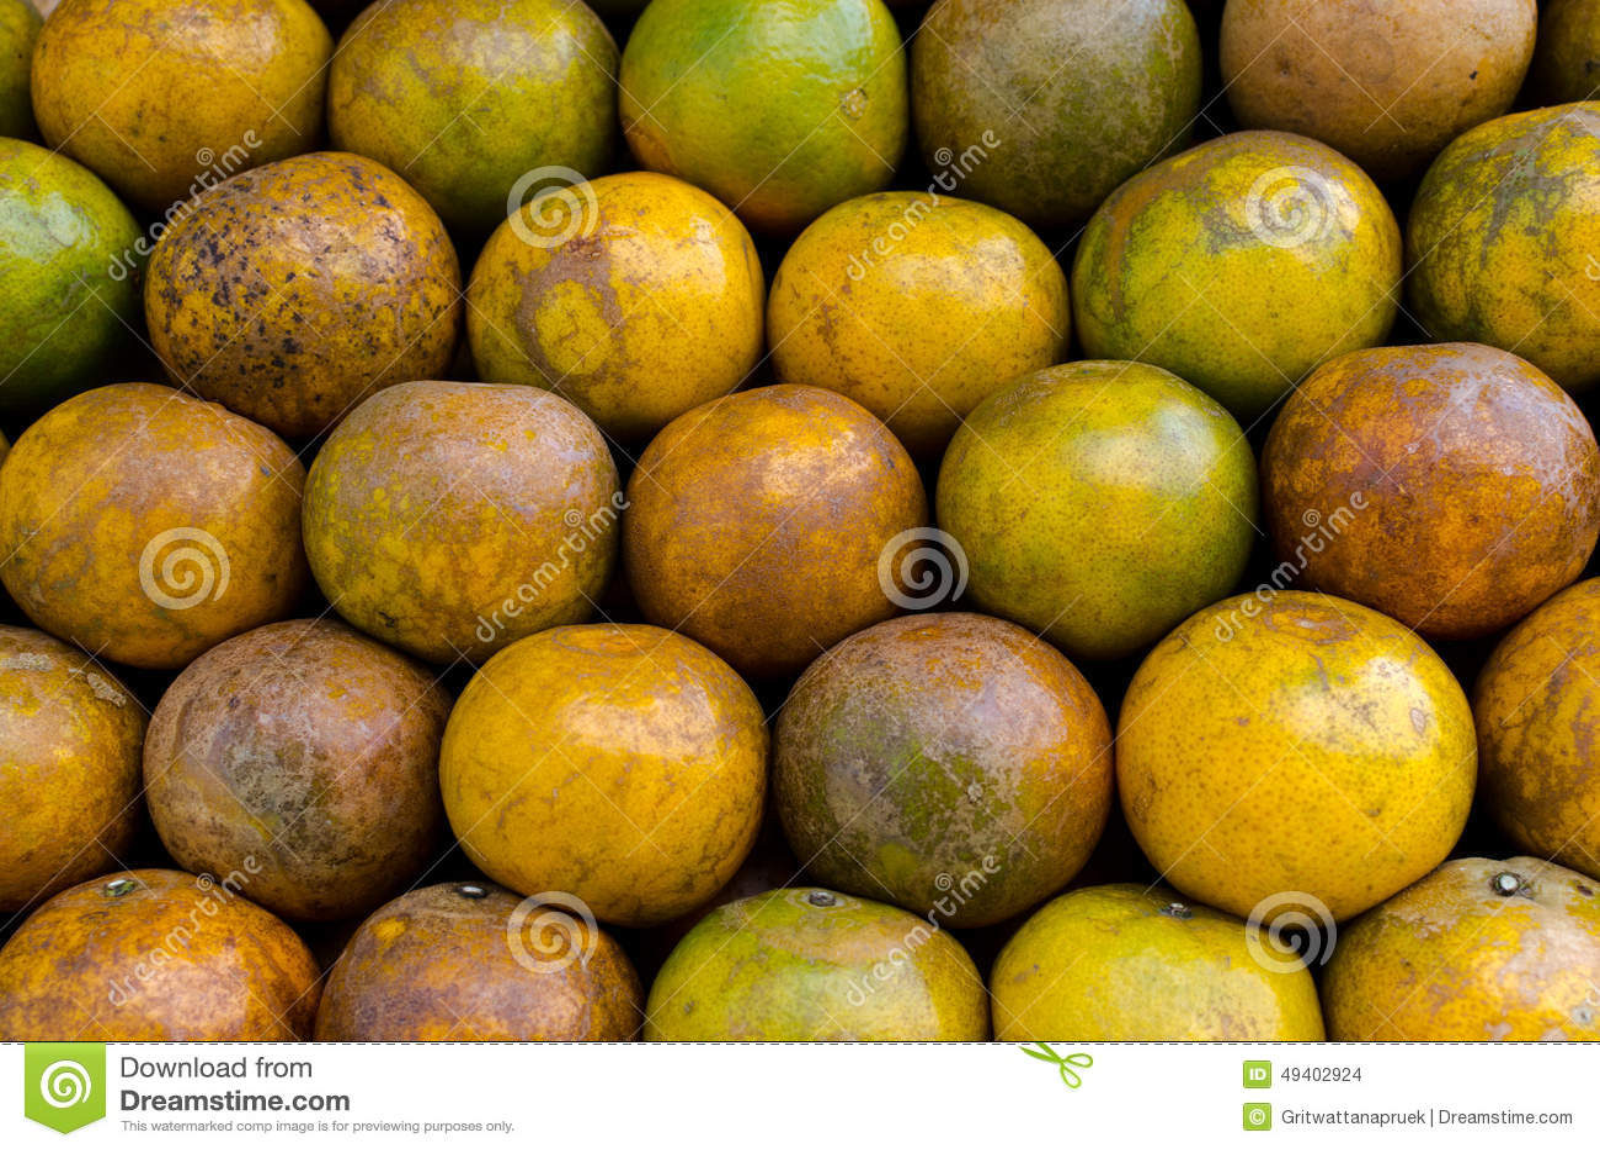 Download Tangerinen stockfoto. Bild von frech, haufen, bestandteil - 49402924